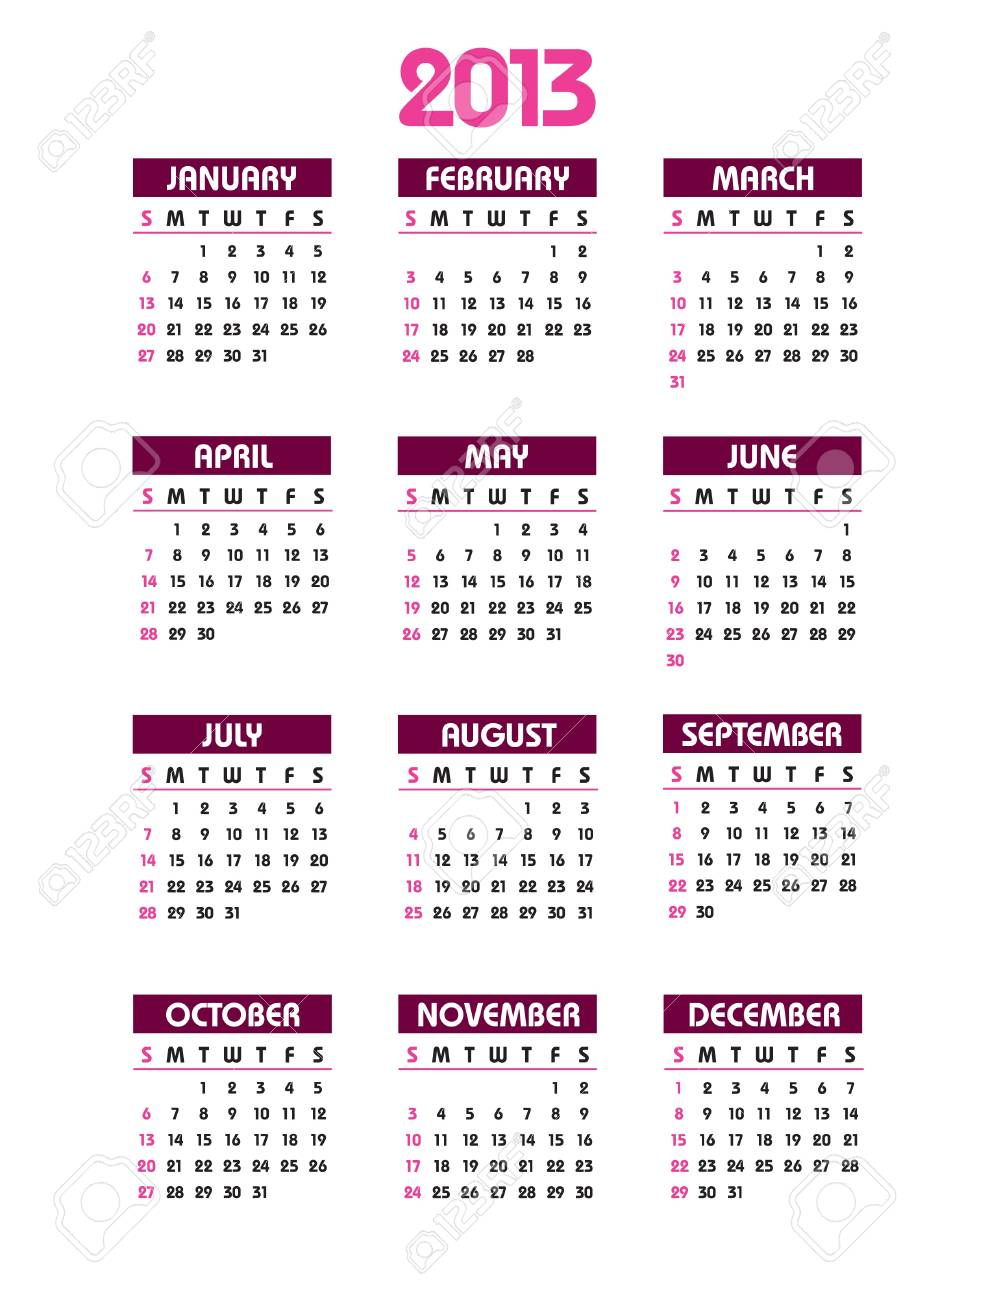 2013 Calendar Stock Vector - 14633780